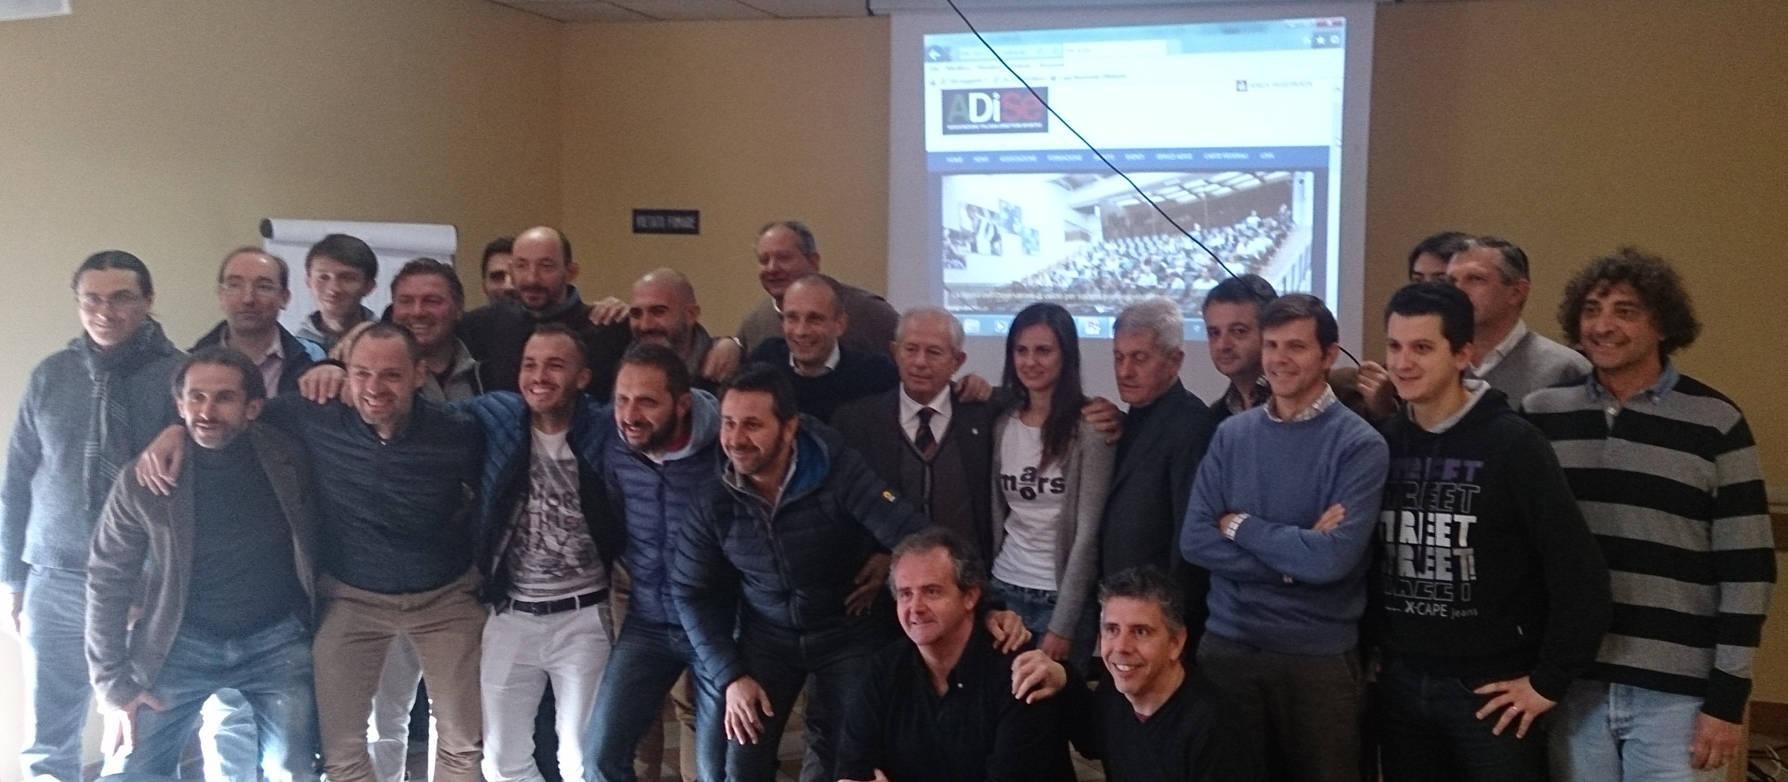 Collaboratori Abilitati A Roma E Brescia